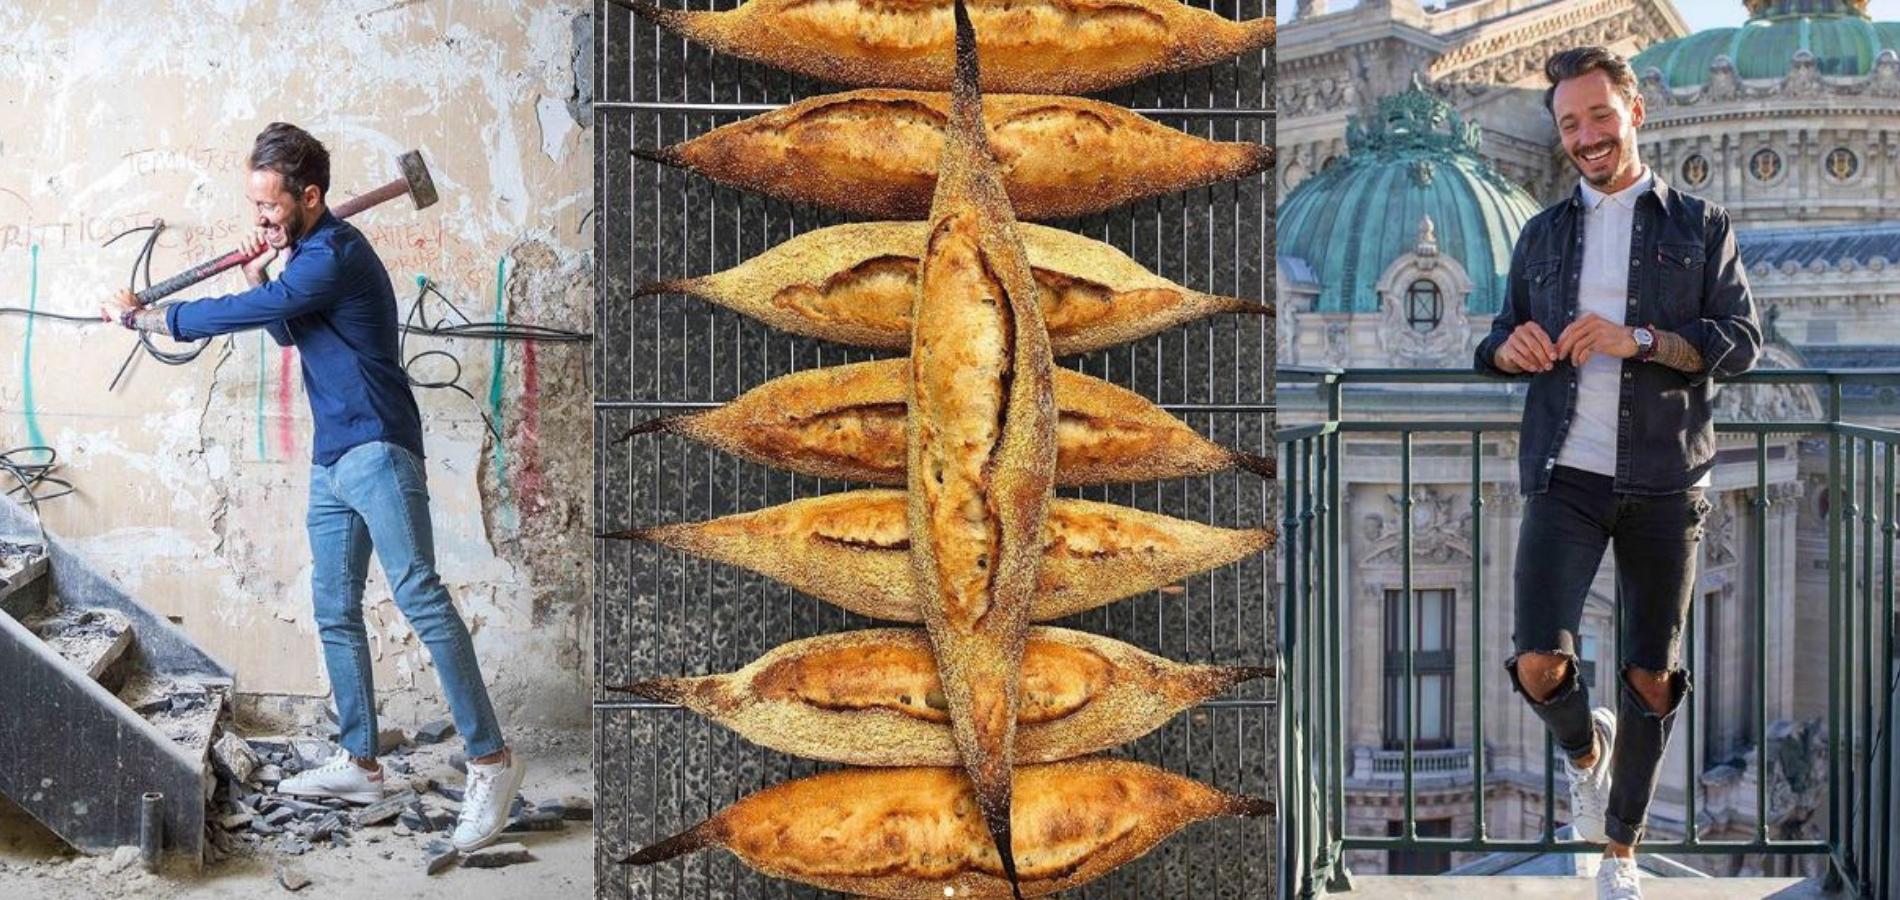 La première boulangerie,pâtisserie de Cédric Grolet vient d